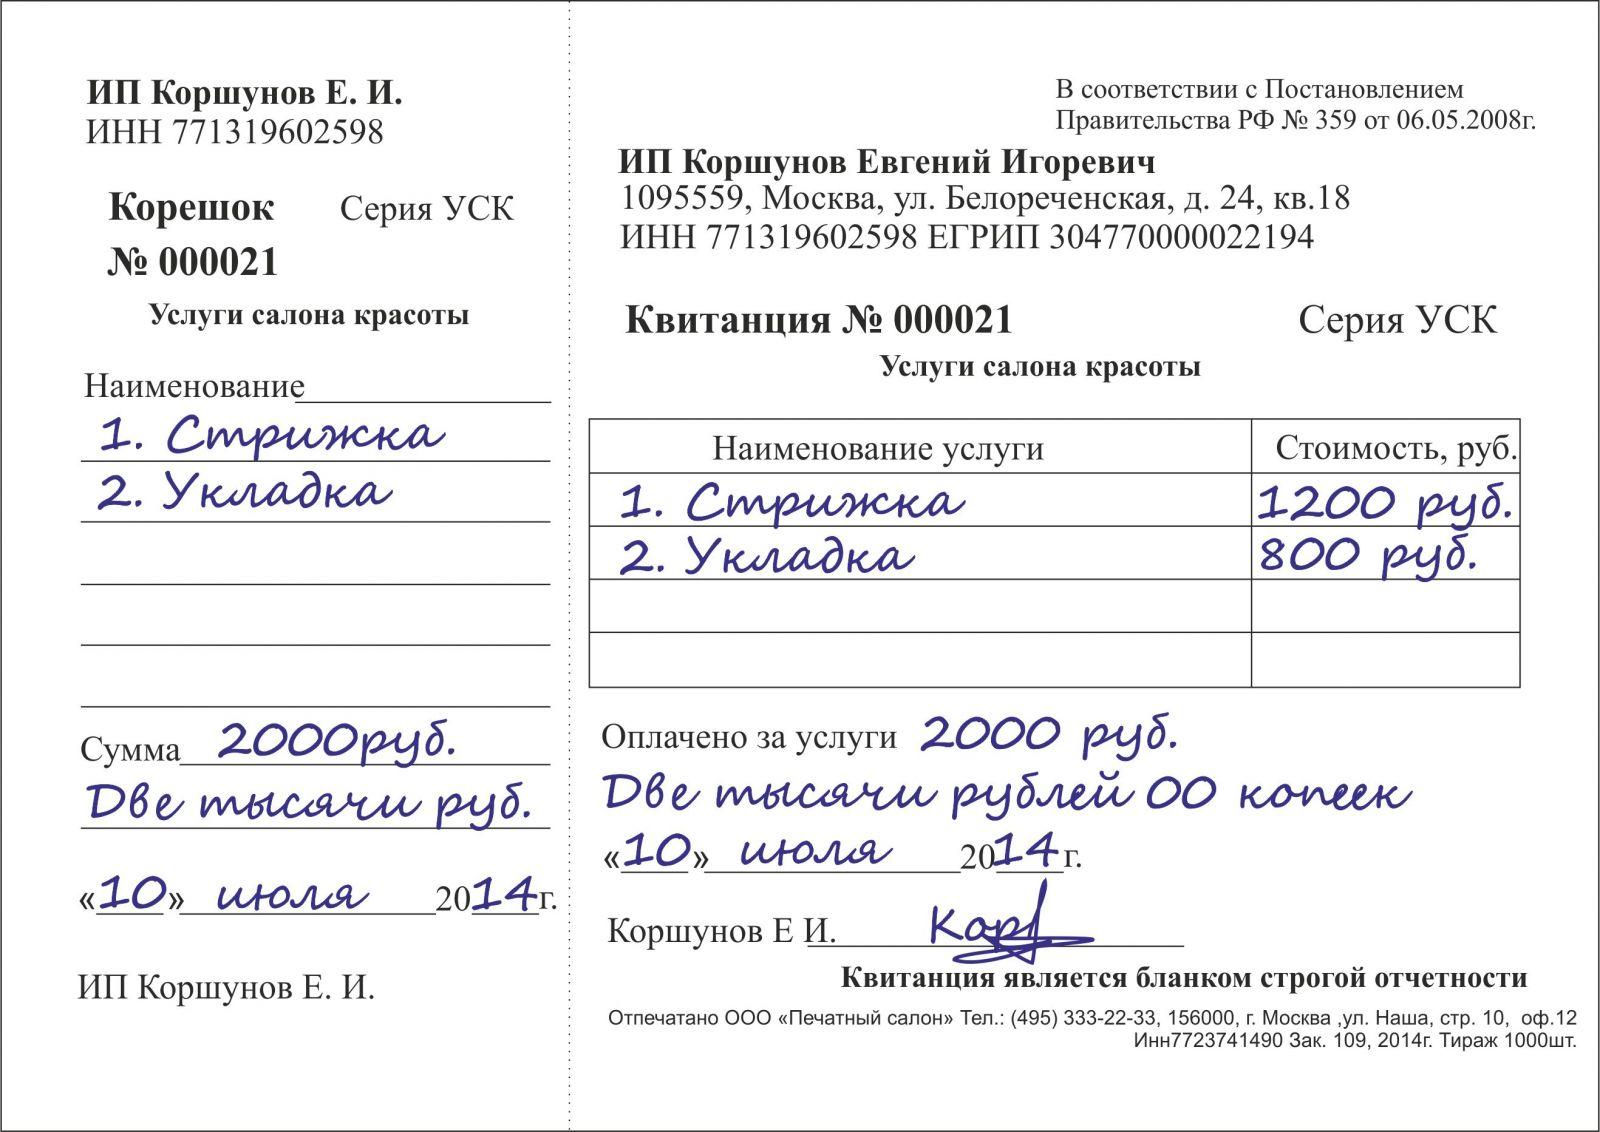 Образец заполнения бланка строгой отчетности для ИП